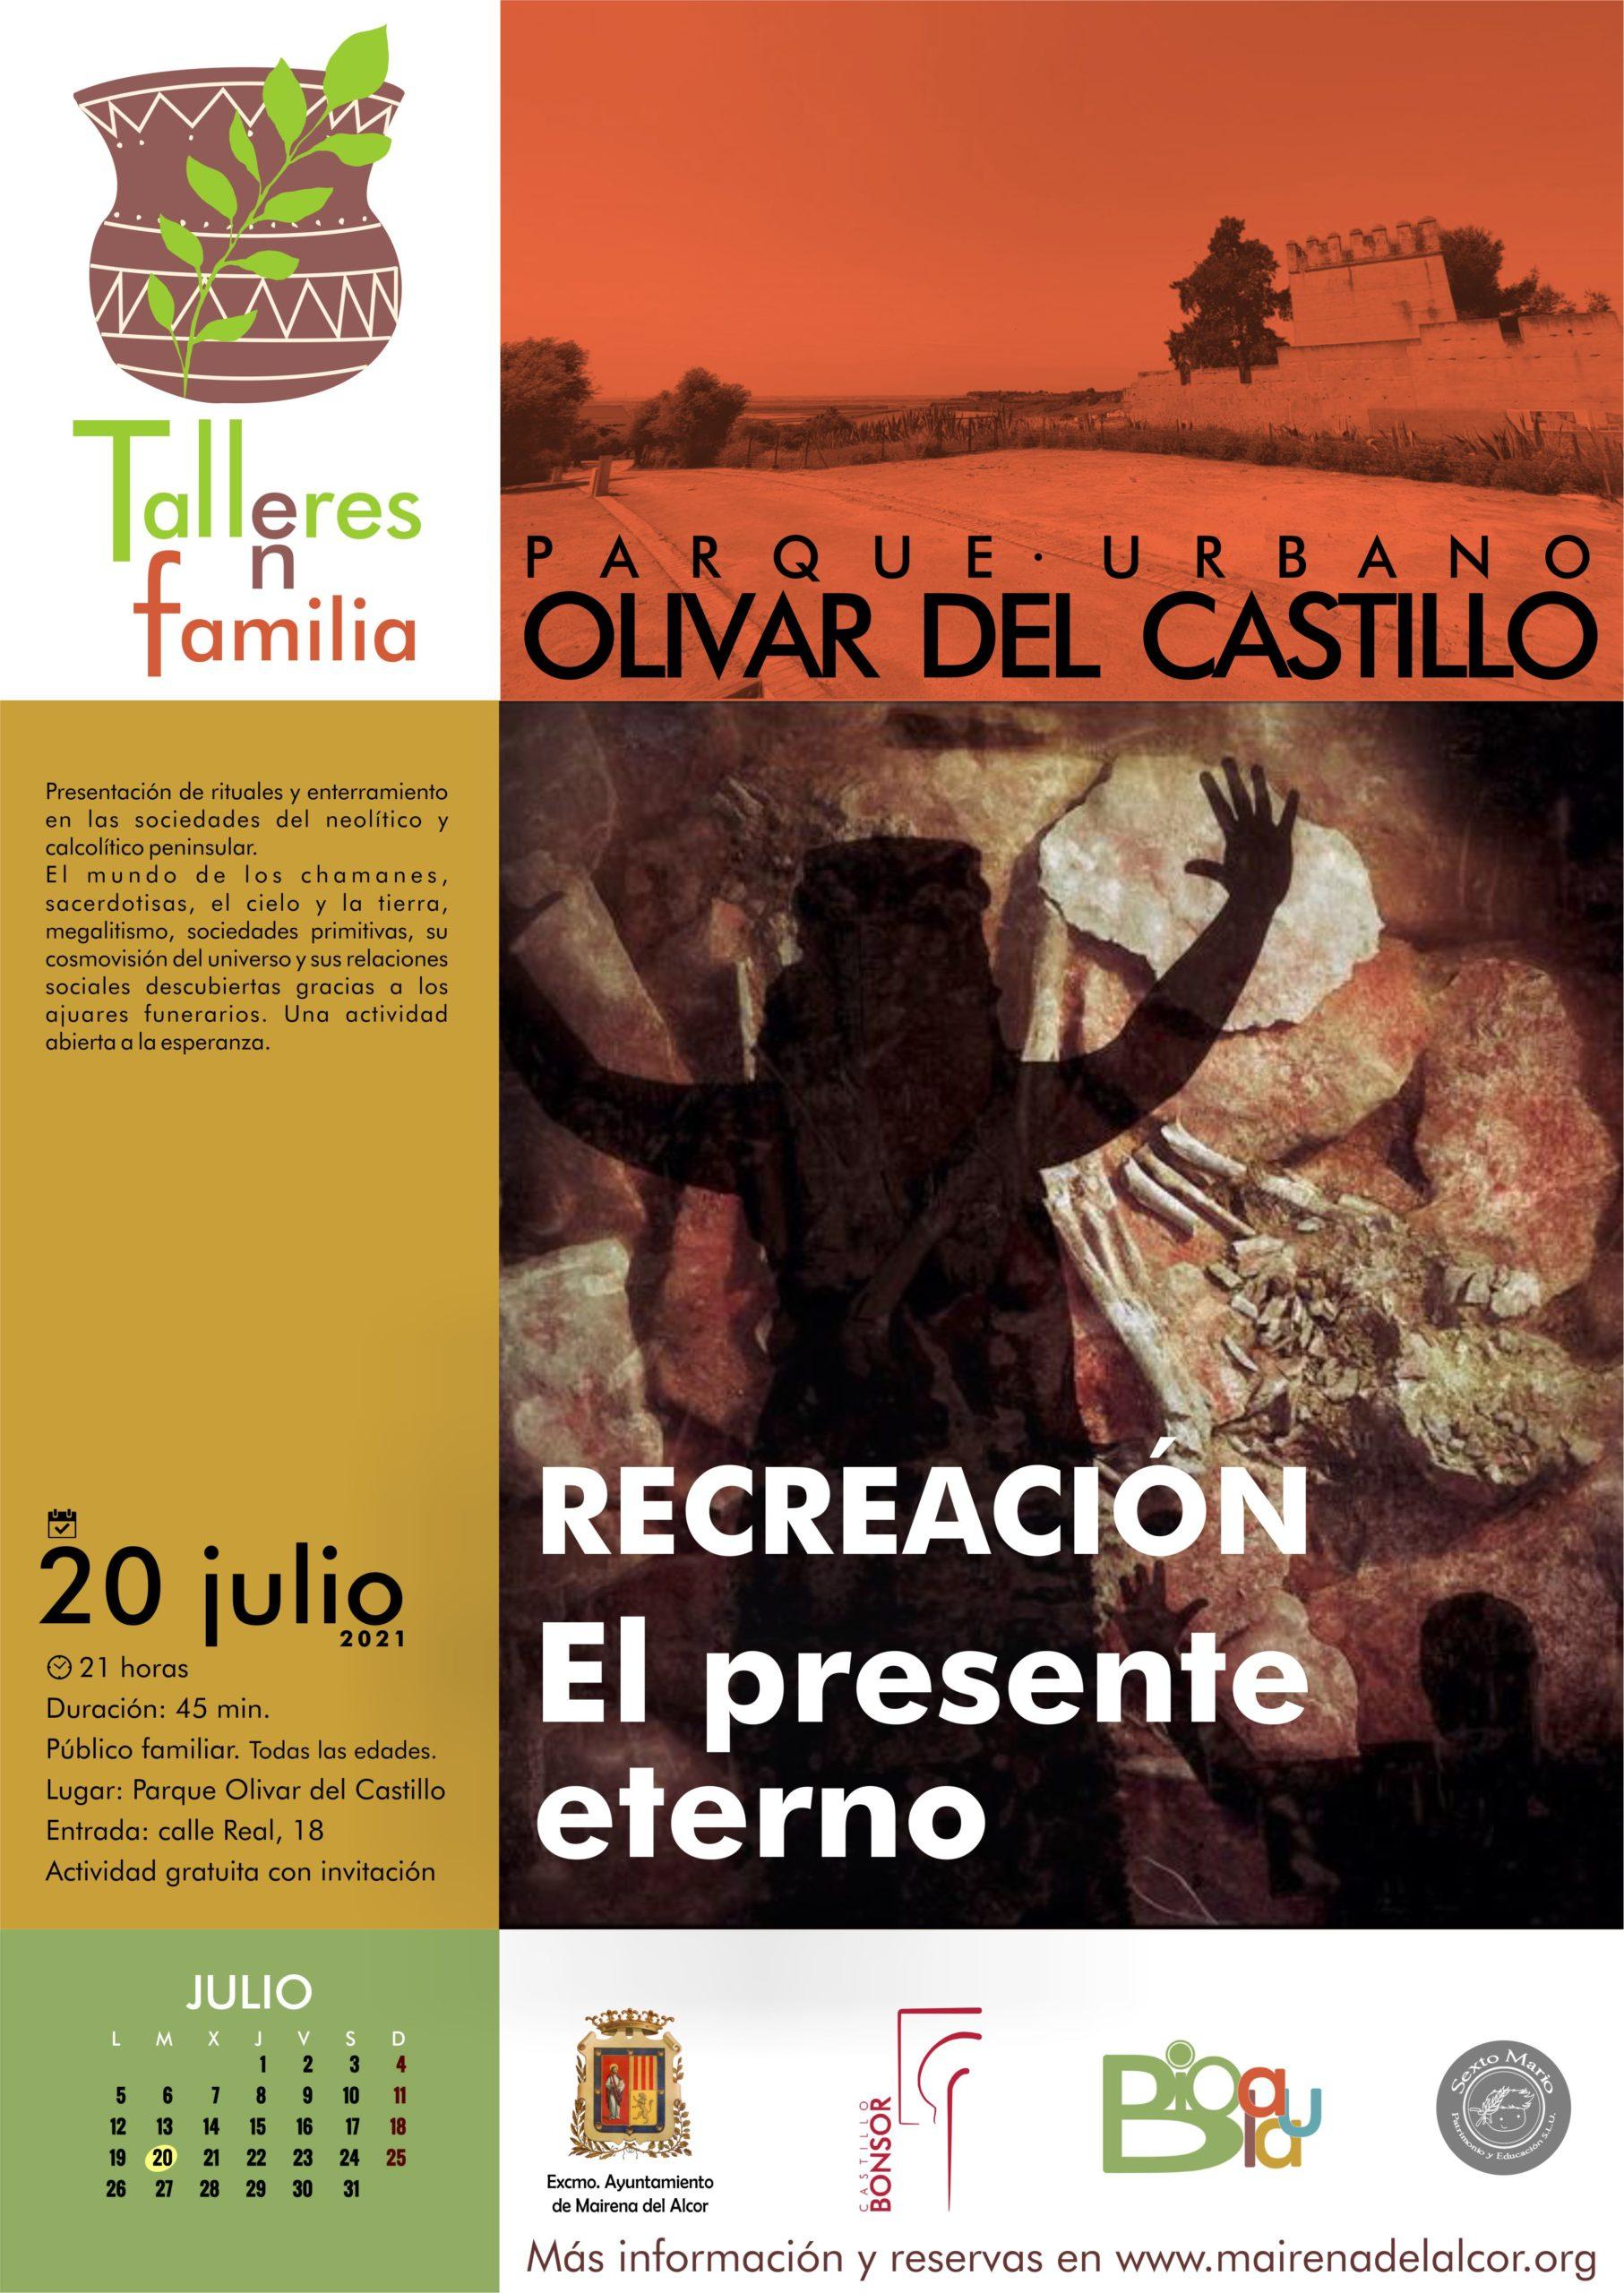 Reserva de invitaciones para el taller en el parque del olivar del Castillo